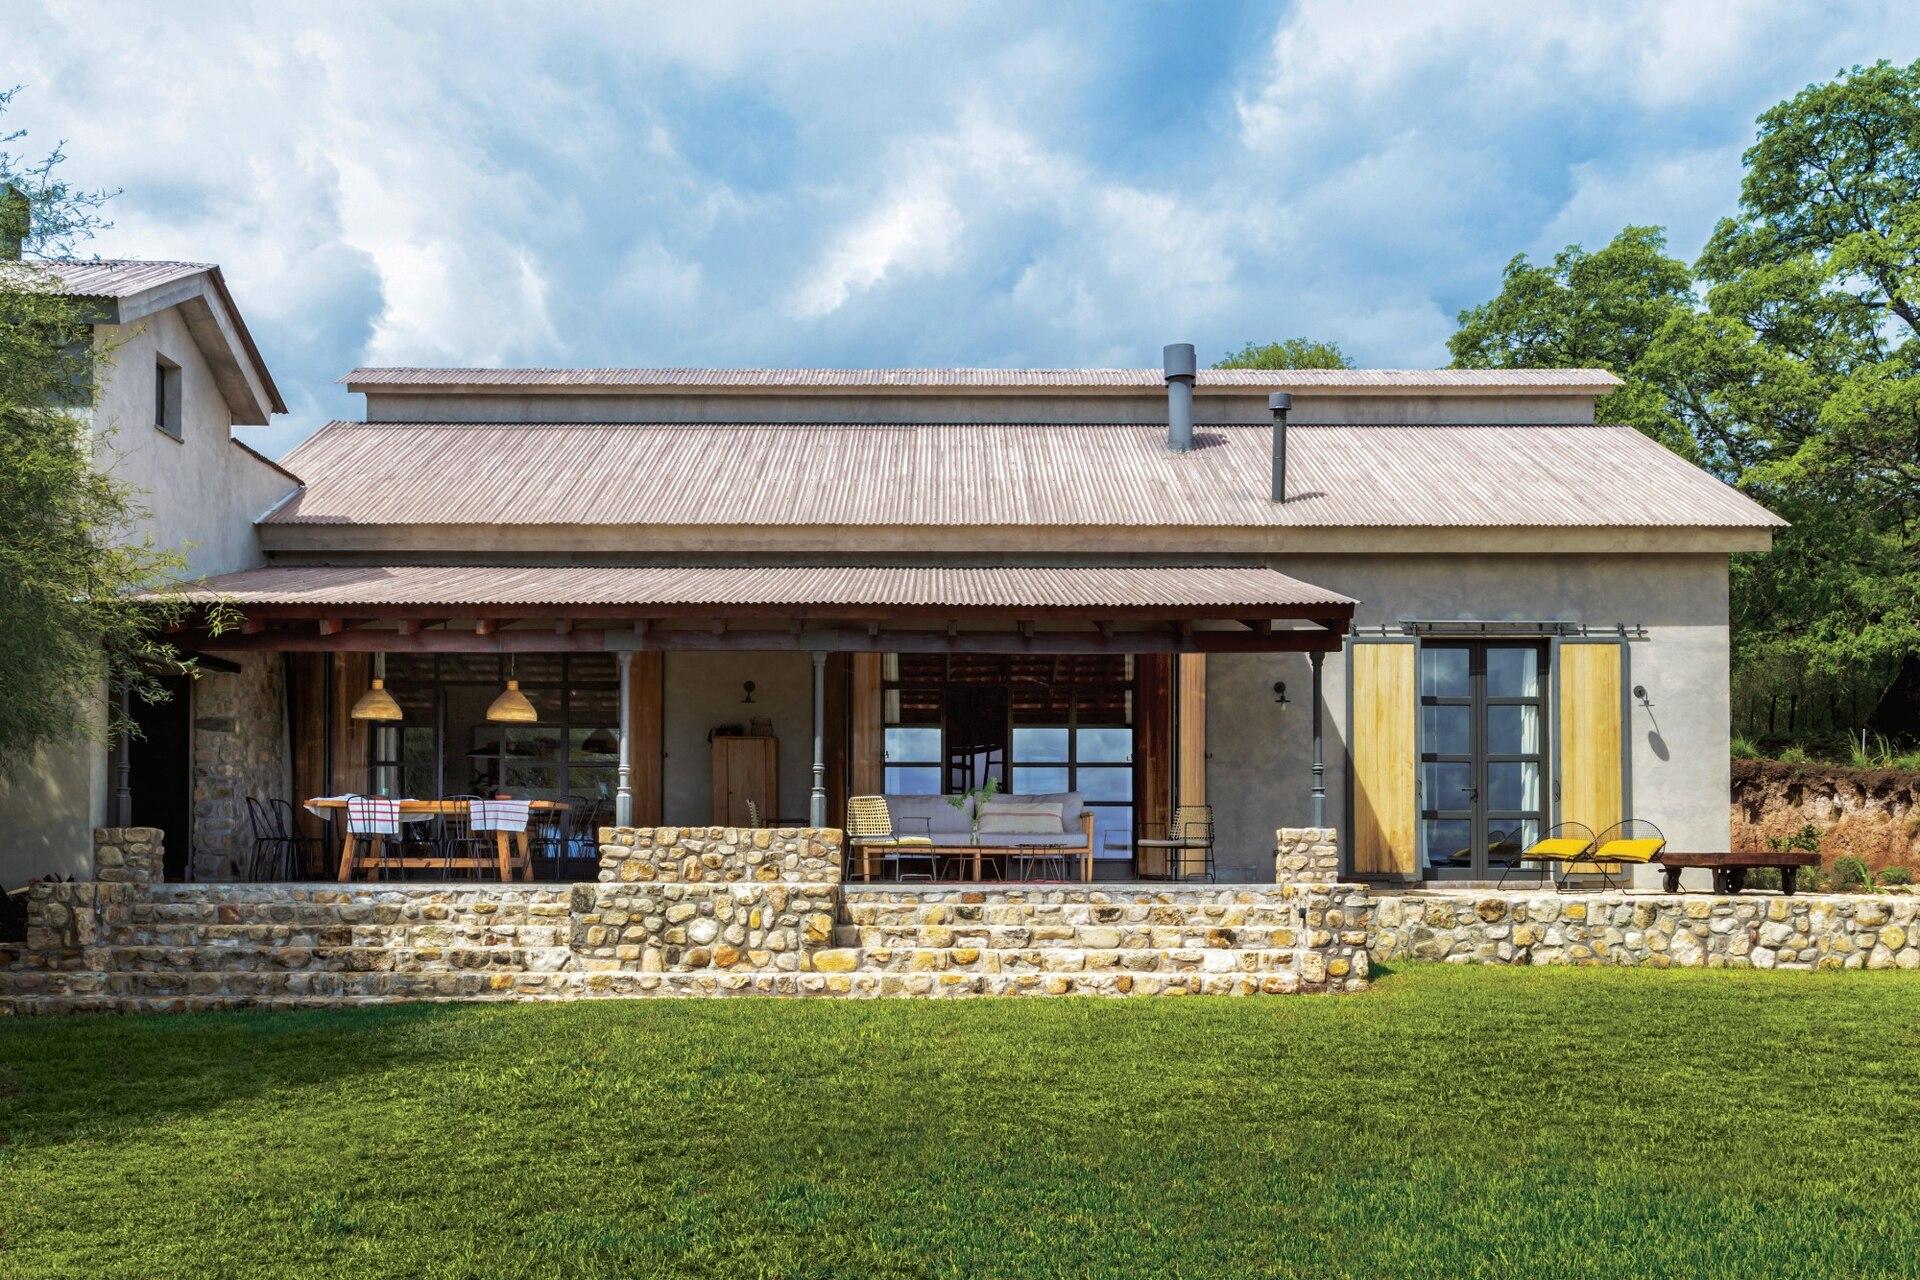 Vista de la casa en la que se aprecia el basamento hecho con piedra del lugar y los techos con chapas tratadas para dar un efecto añejo.